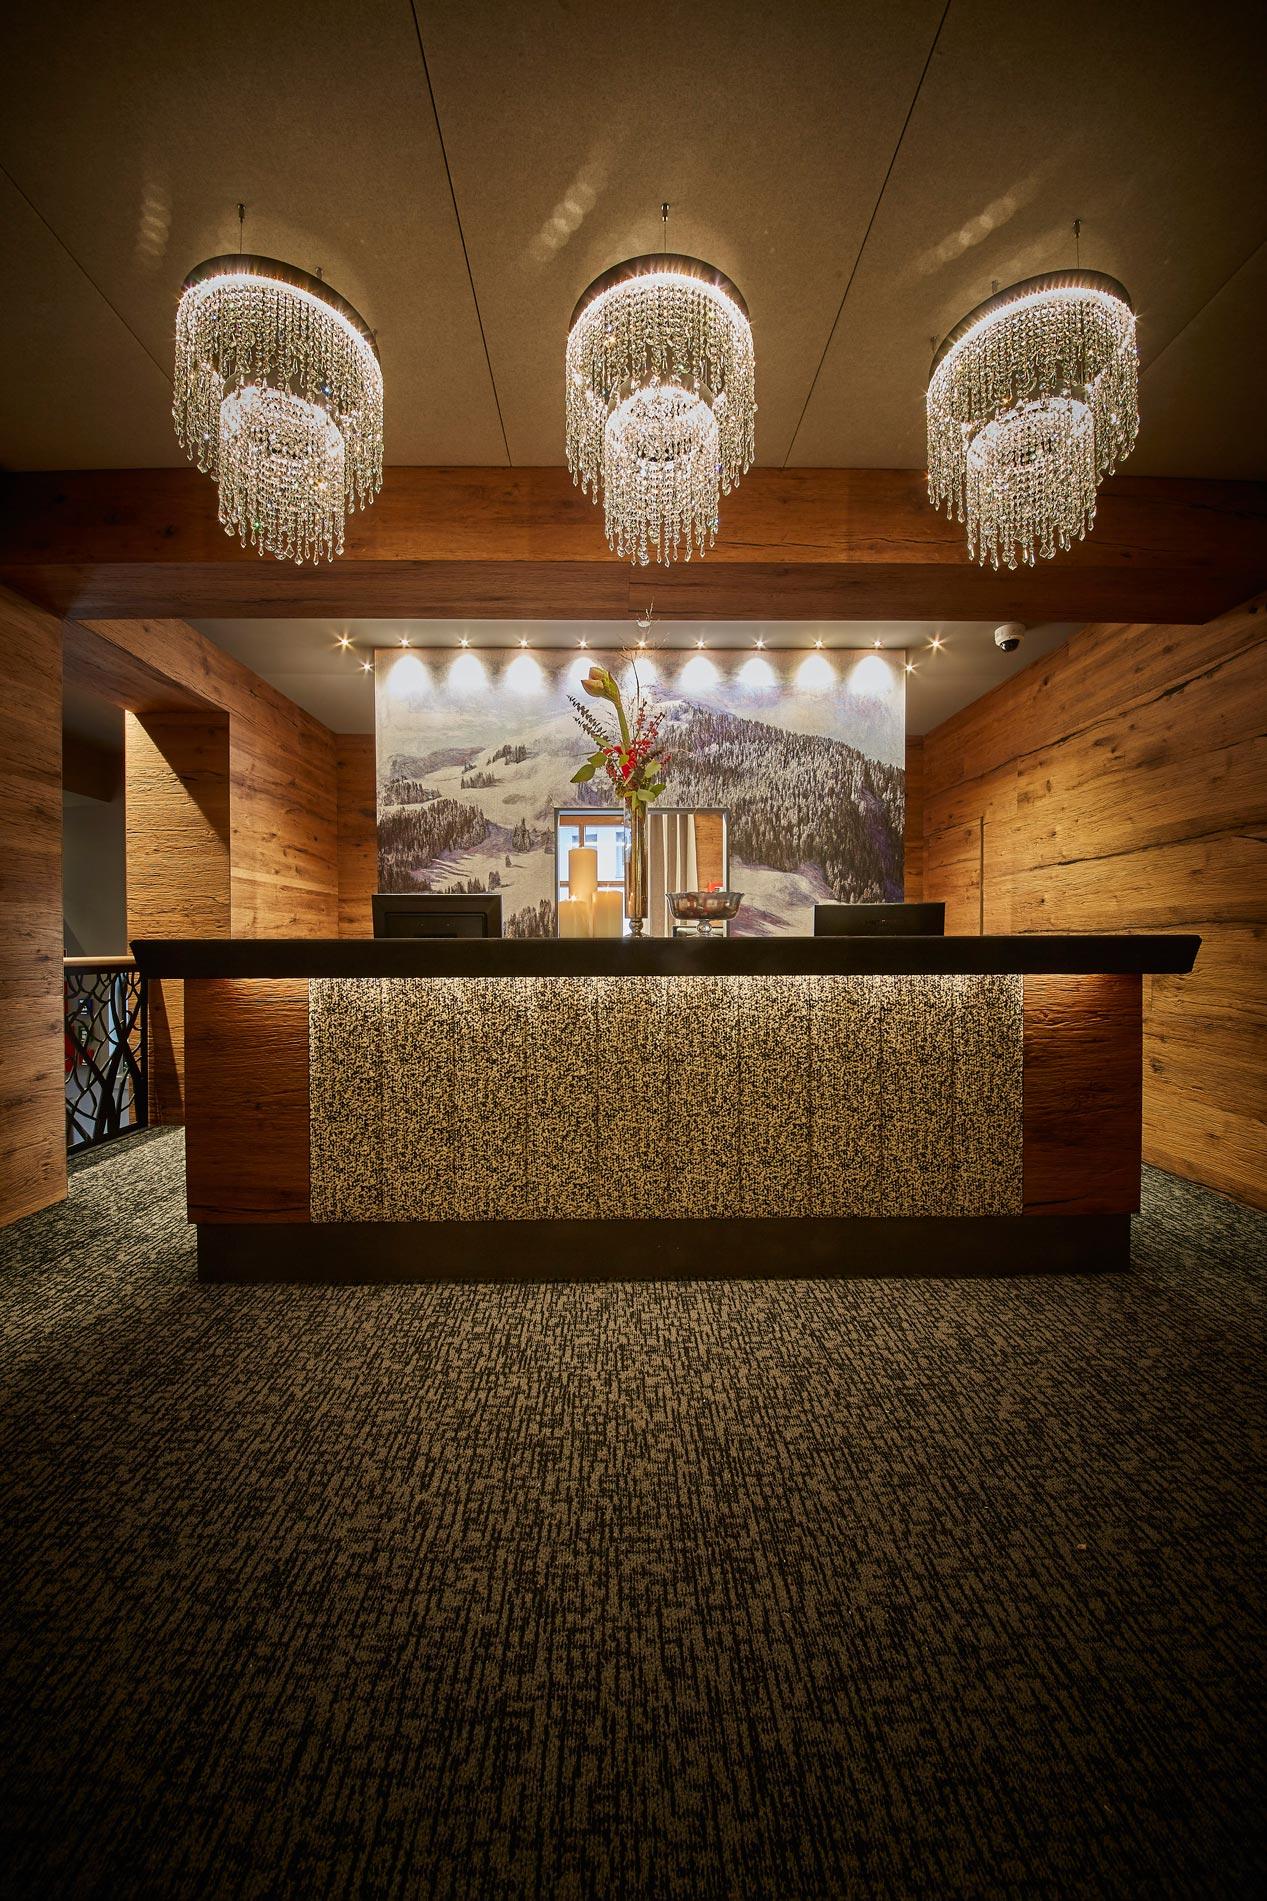 Ansicht der Rezeption mit 3 großen Deckenleuchten sowie schwarz-weiß gemustertem Teppichboden